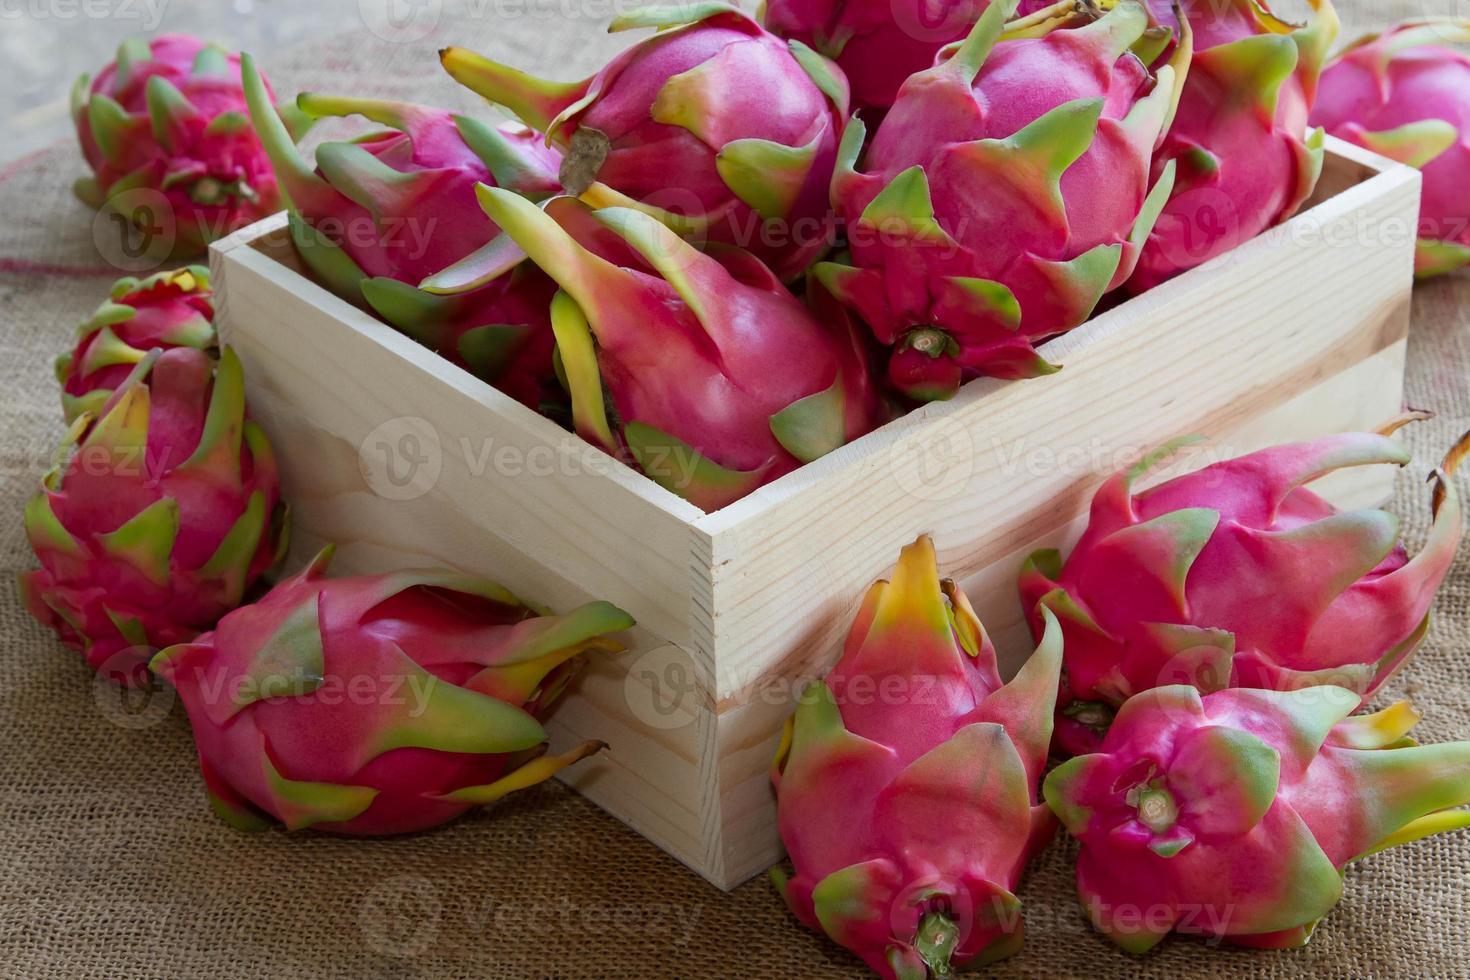 Drachenfrüchte. foto